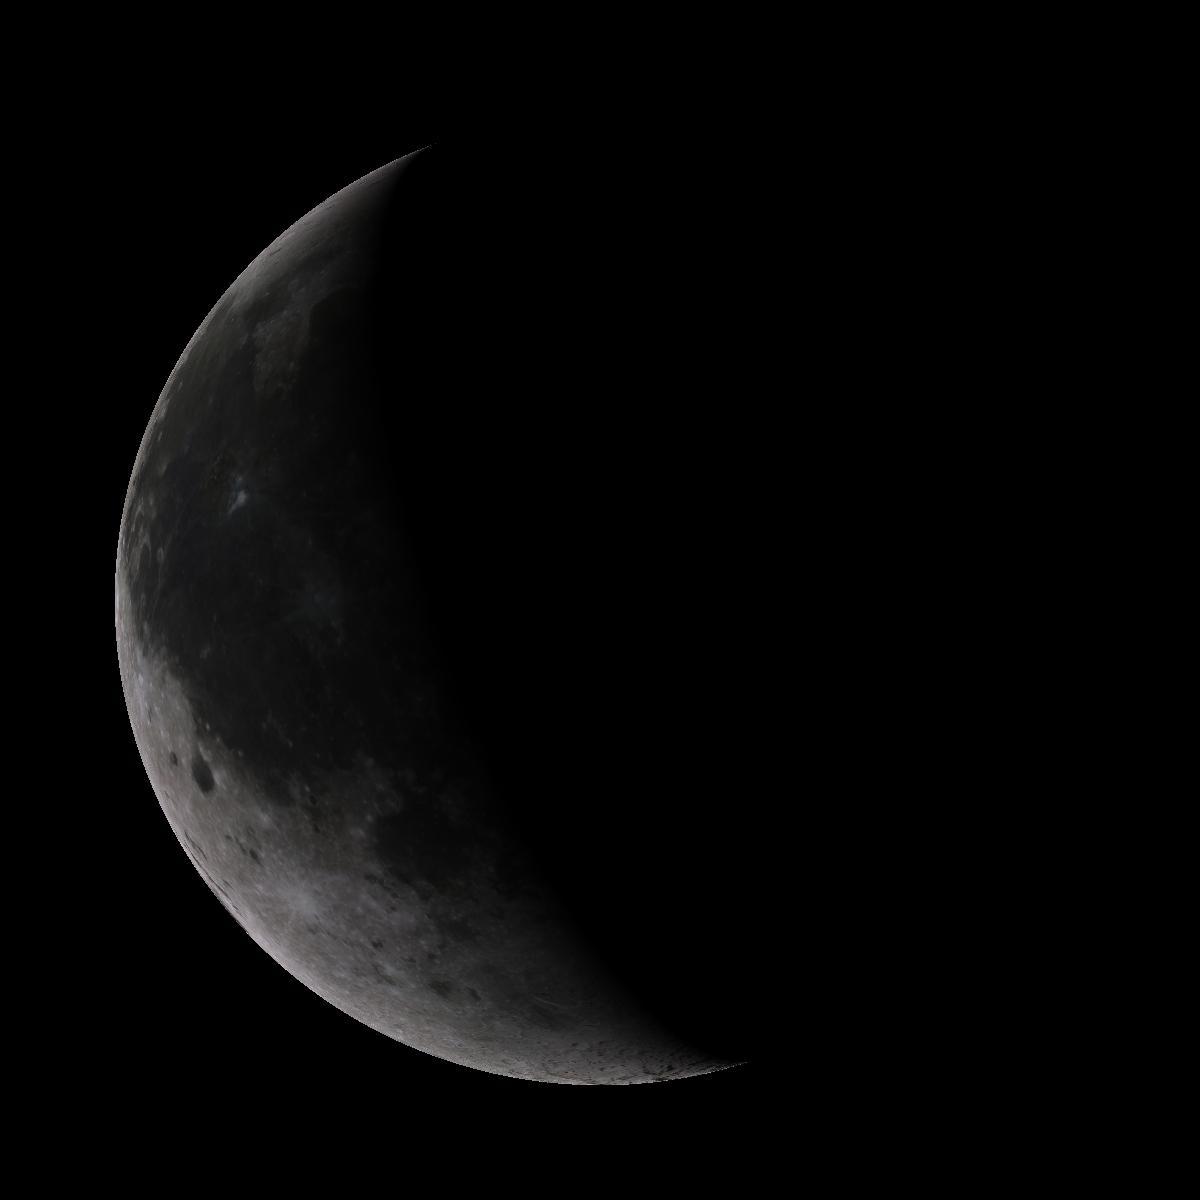 Lune du 23 octobre 2019